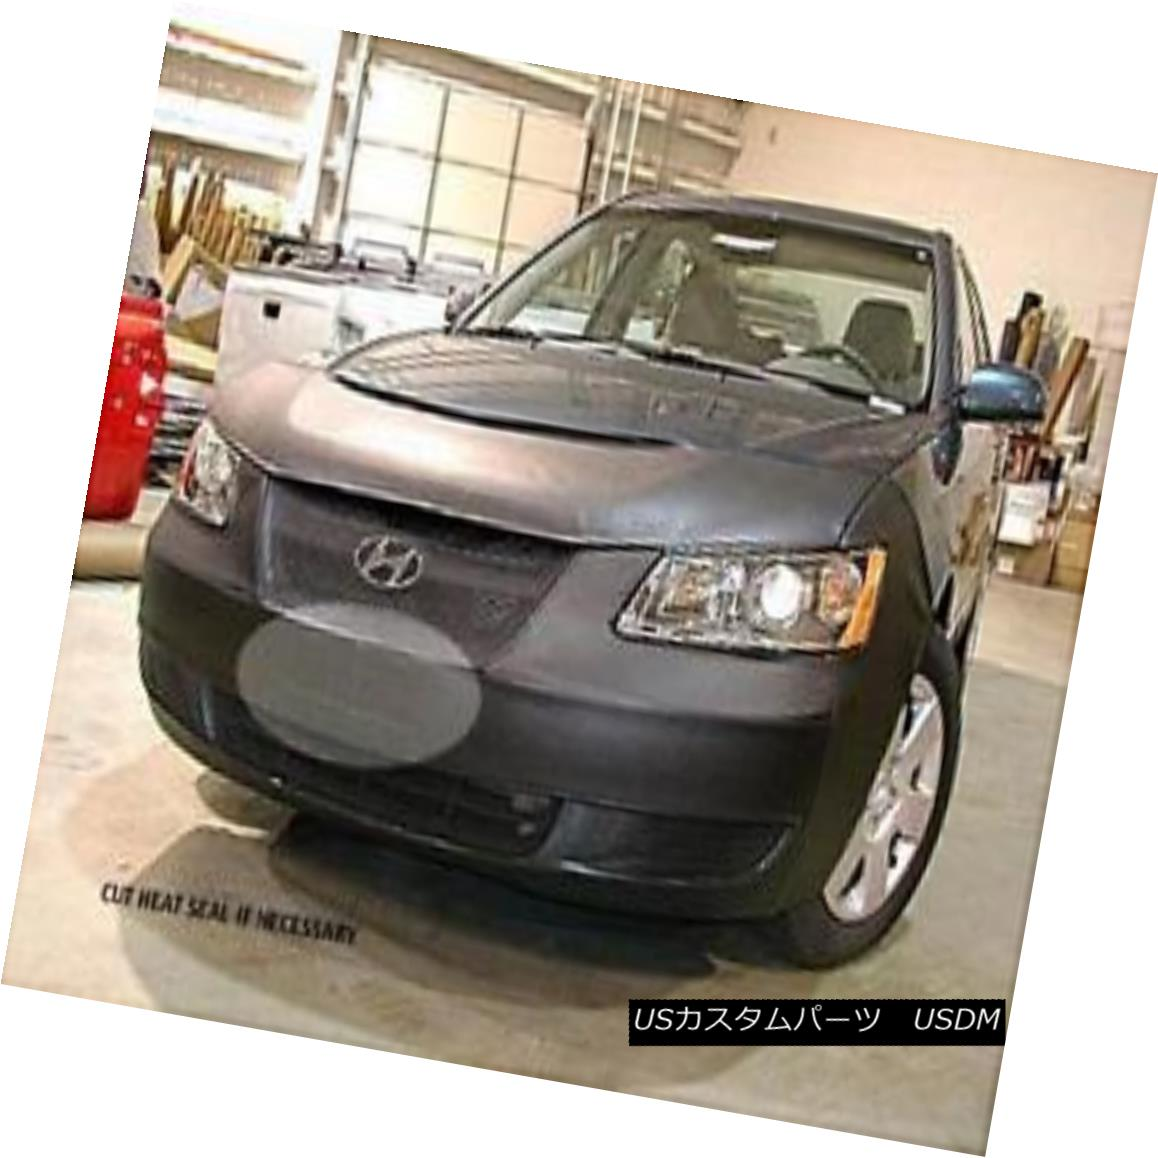 フルブラ ノーズブラ Lebra Front End Mask Cover Bra Fits 2006 2007 2008 06 07 08 Hyundai Sonata (ALL) Lebraフロントエンドマスクカバーブラフィット2006 2007 2008 06 07 08現代ソナタ(ALL)